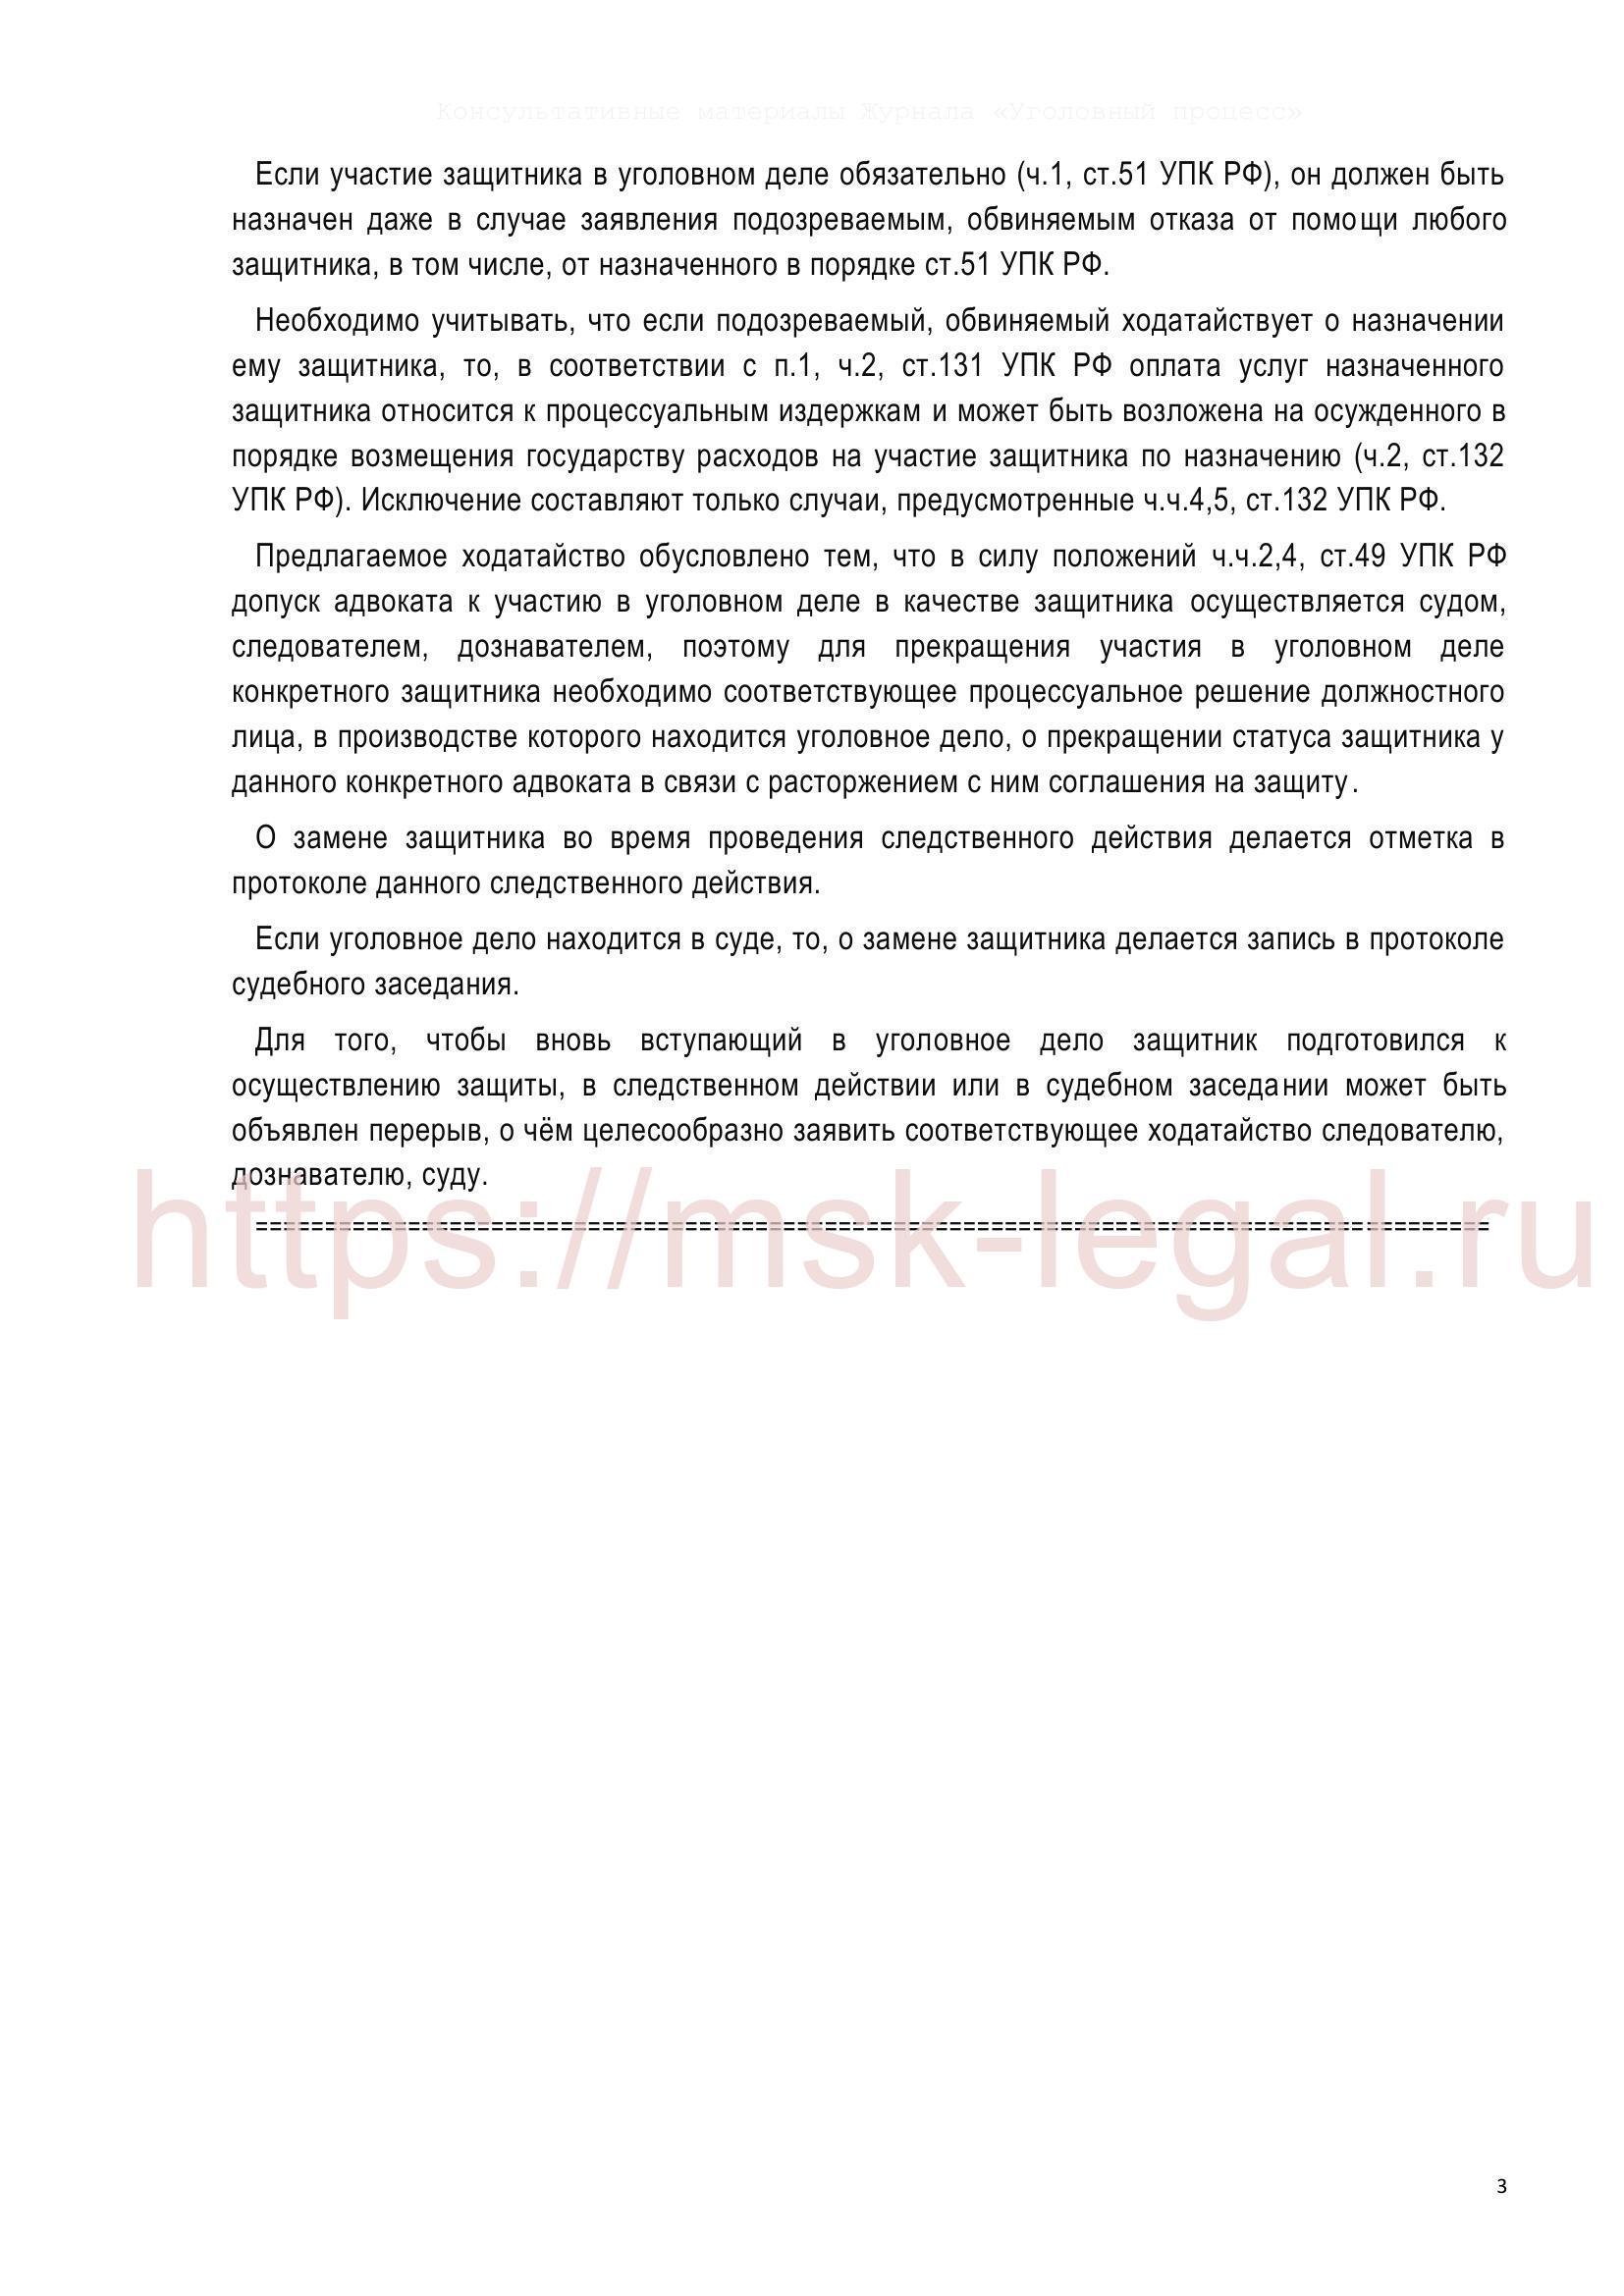 Ходатайство о замене адвоката в соответствии со ст. 50, 52 УПК РФ